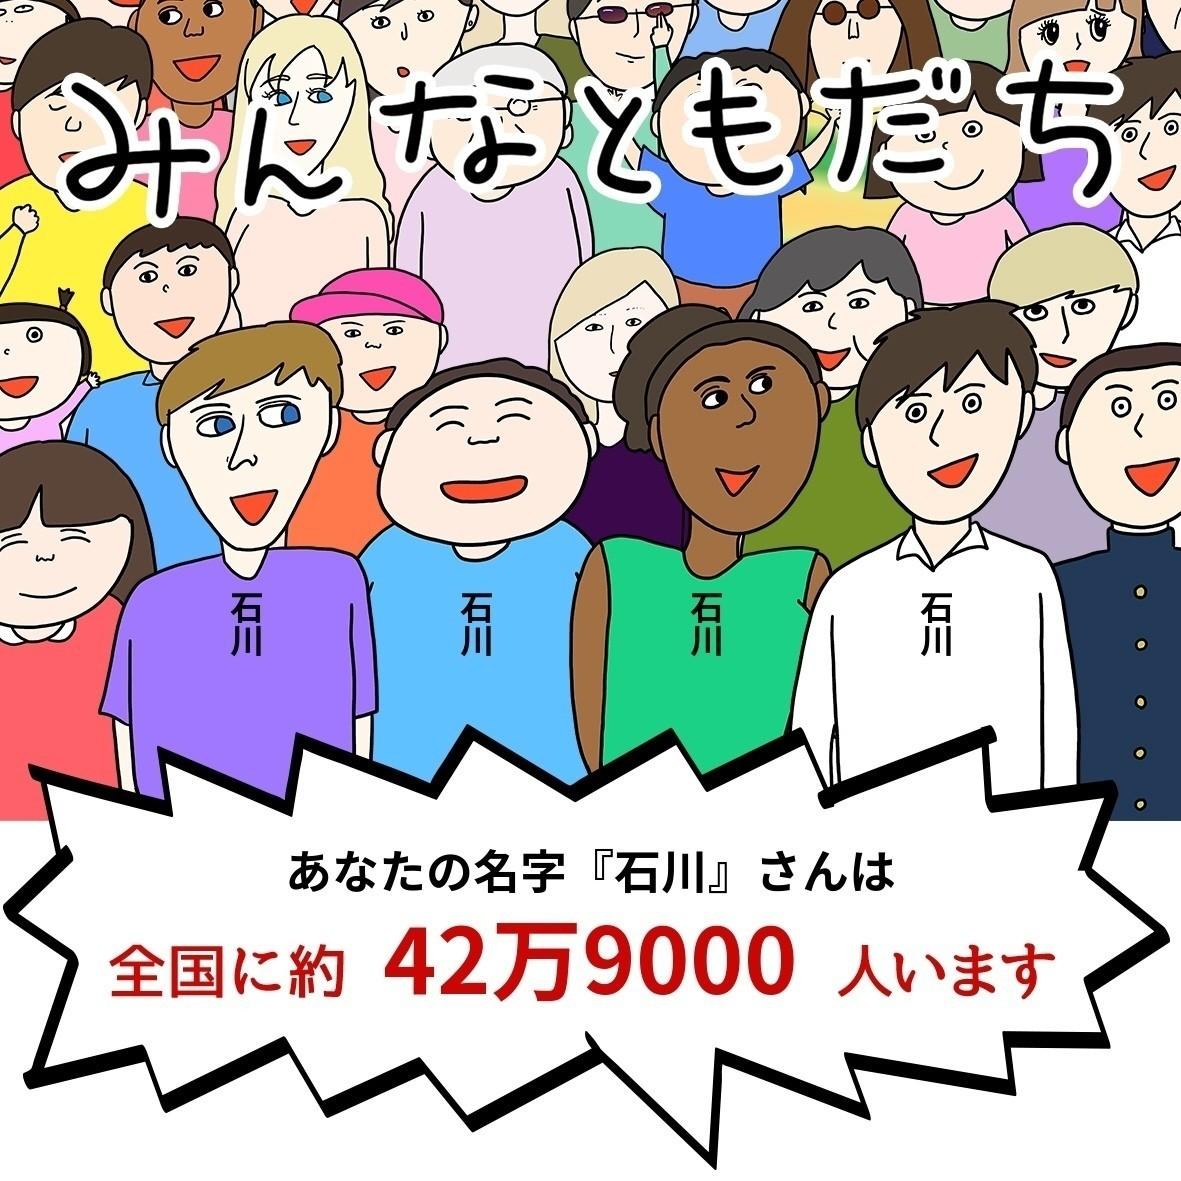 番 一 苗字 少ない で 日本